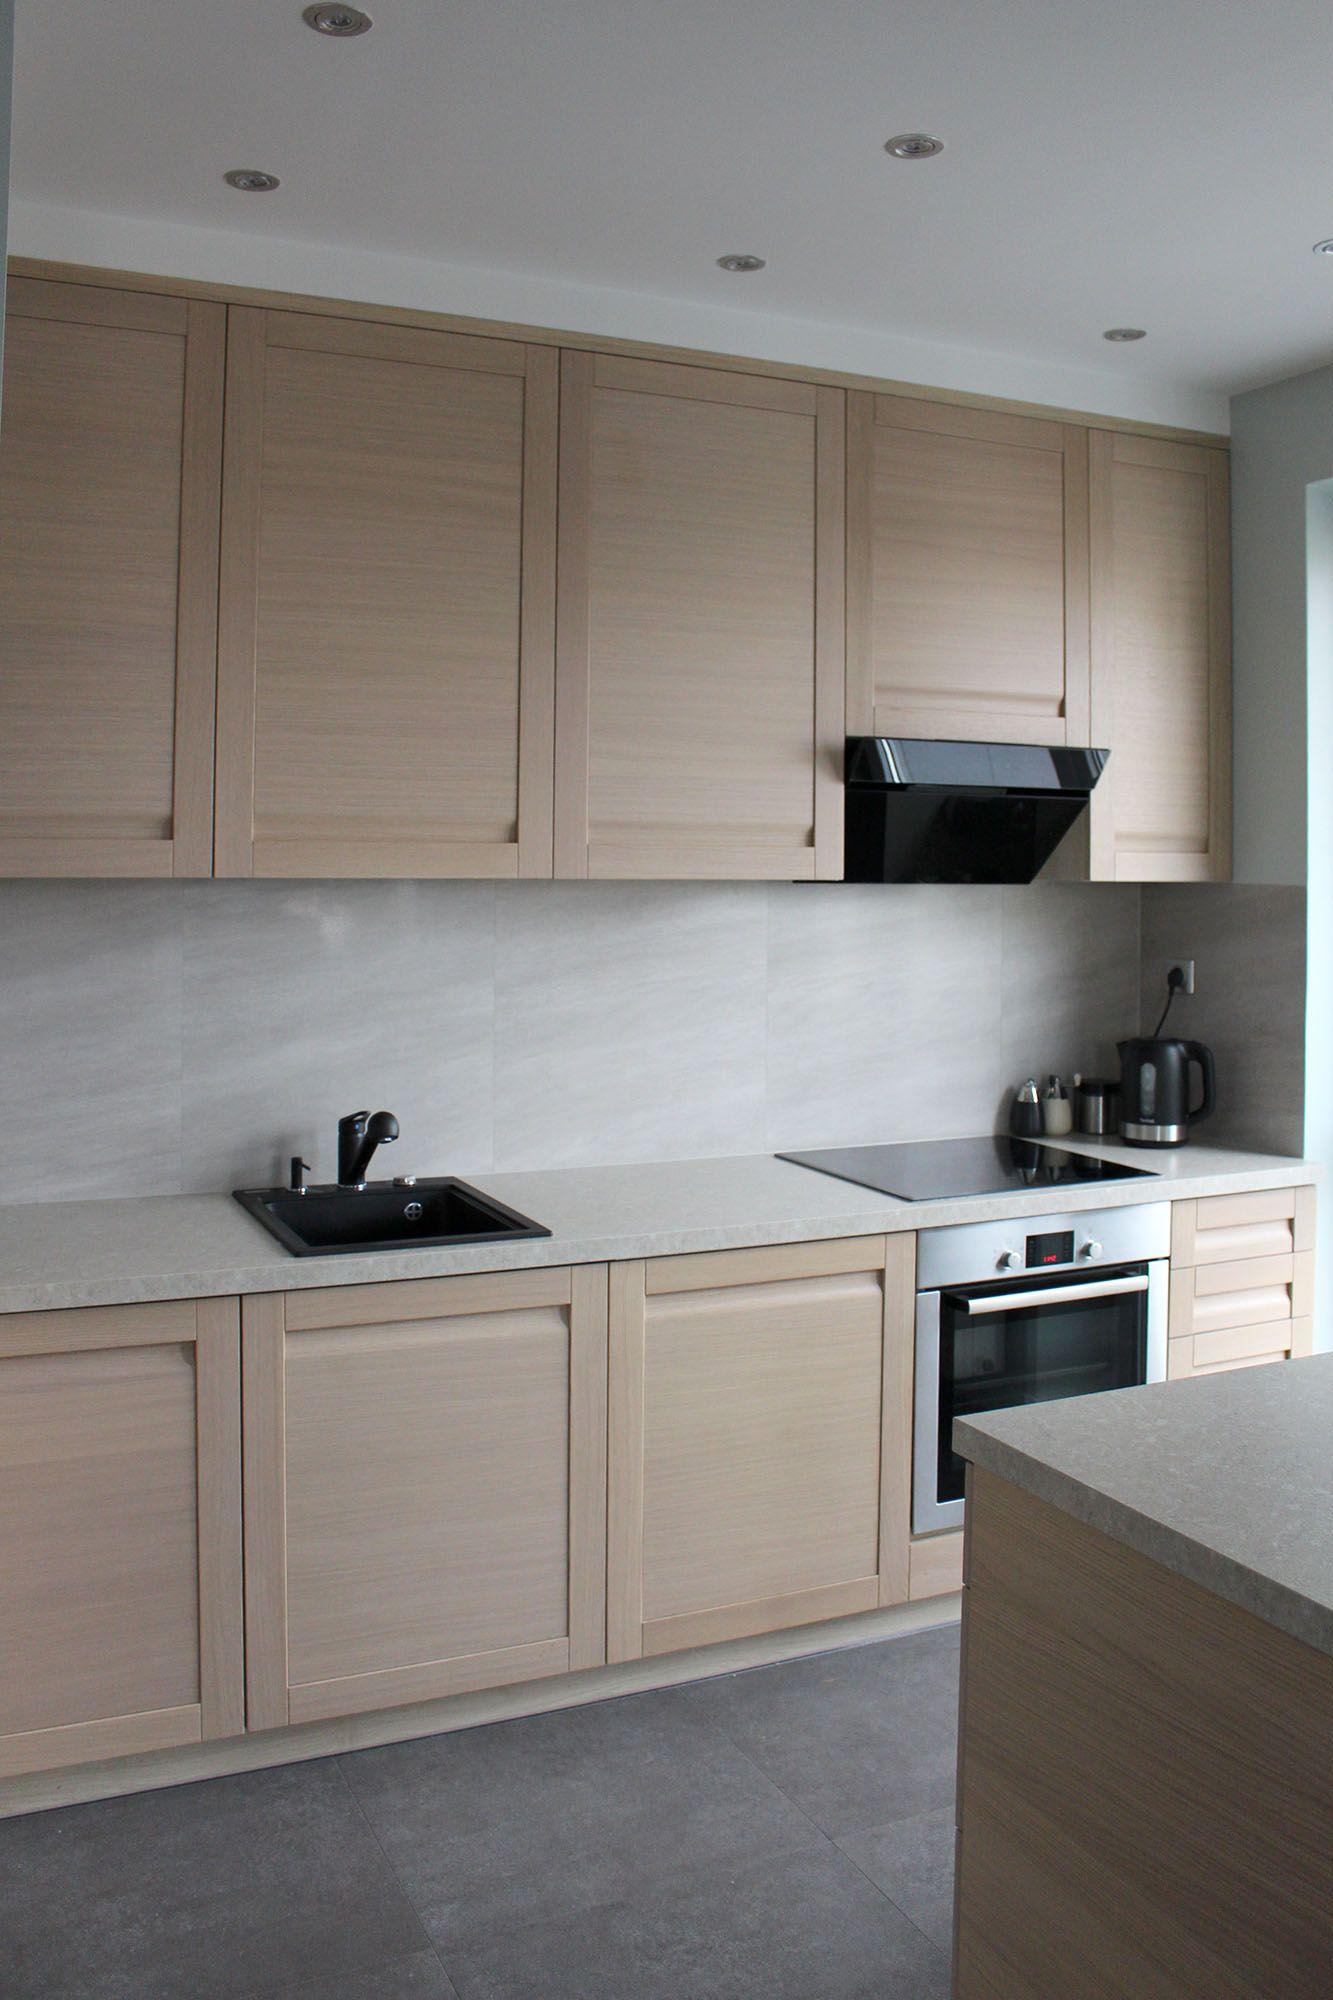 Aredo Kuchnie Na Wymiar Gdansk Trojmiasto Meble Kuchenne Kitchen Home Home Decor